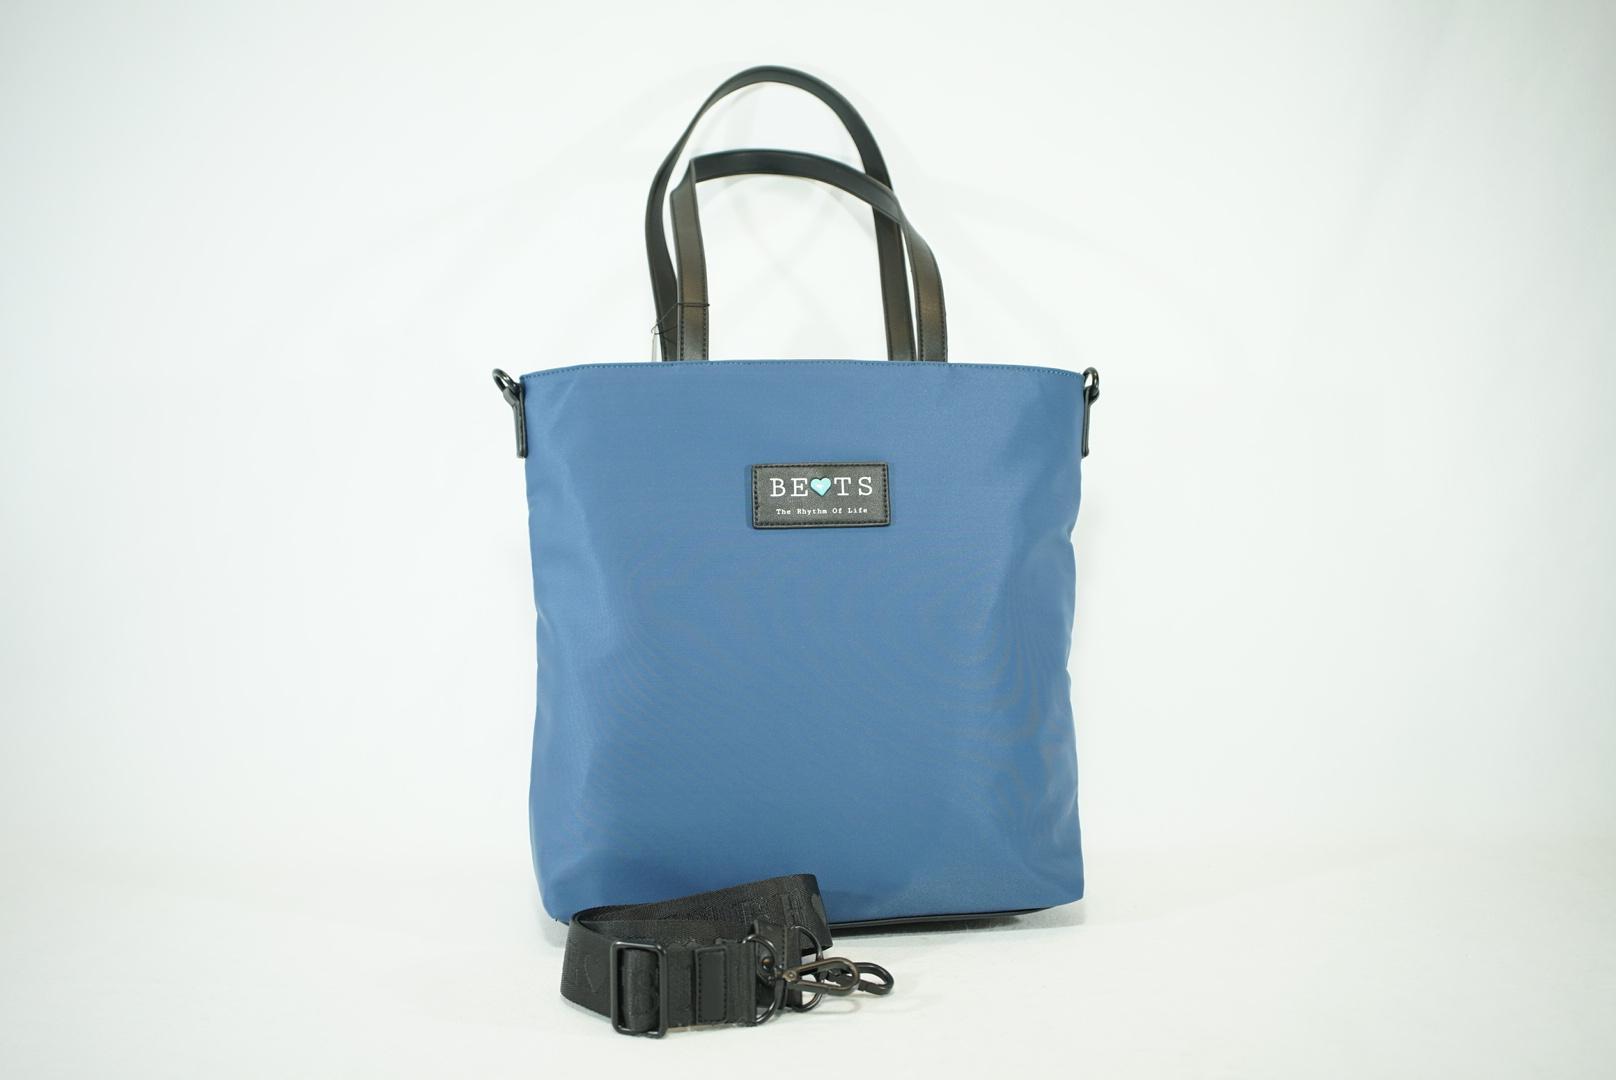 Bolso shopper de brazo y bandolera bets neopreno summer azul (1).JPG